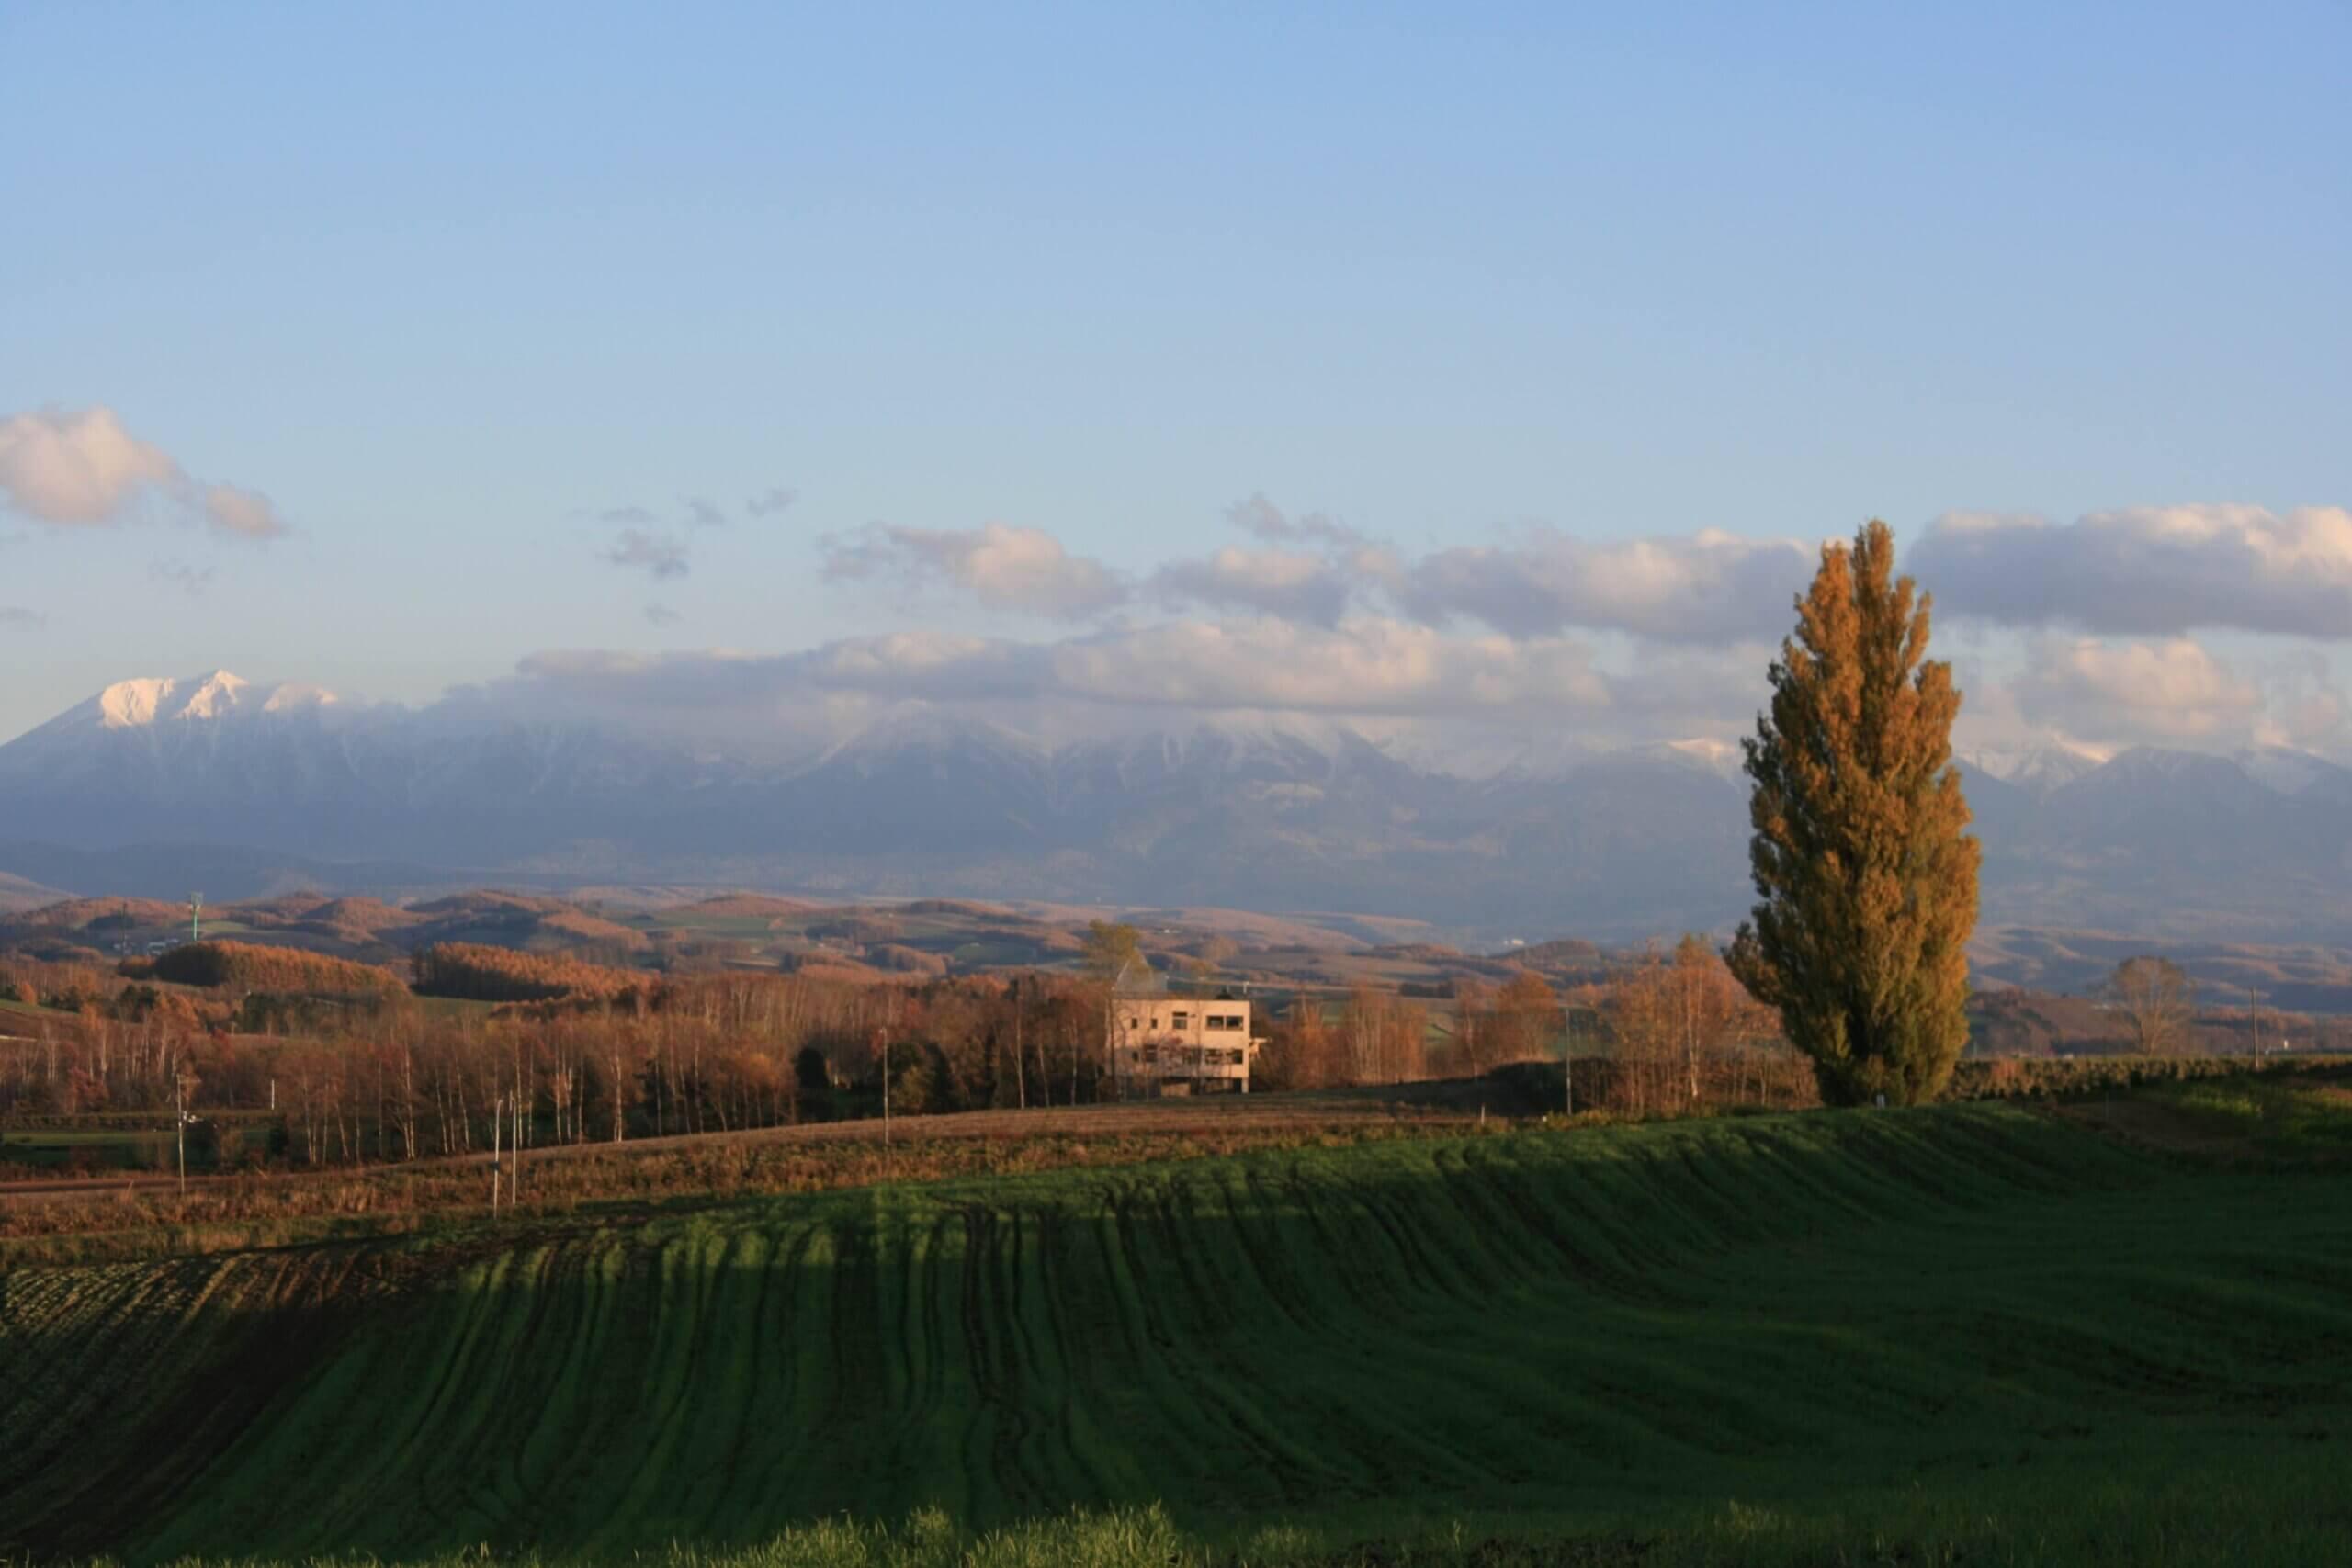 綿延起伏的丘陵地形如拼布般的美麗風景「拼布之路」